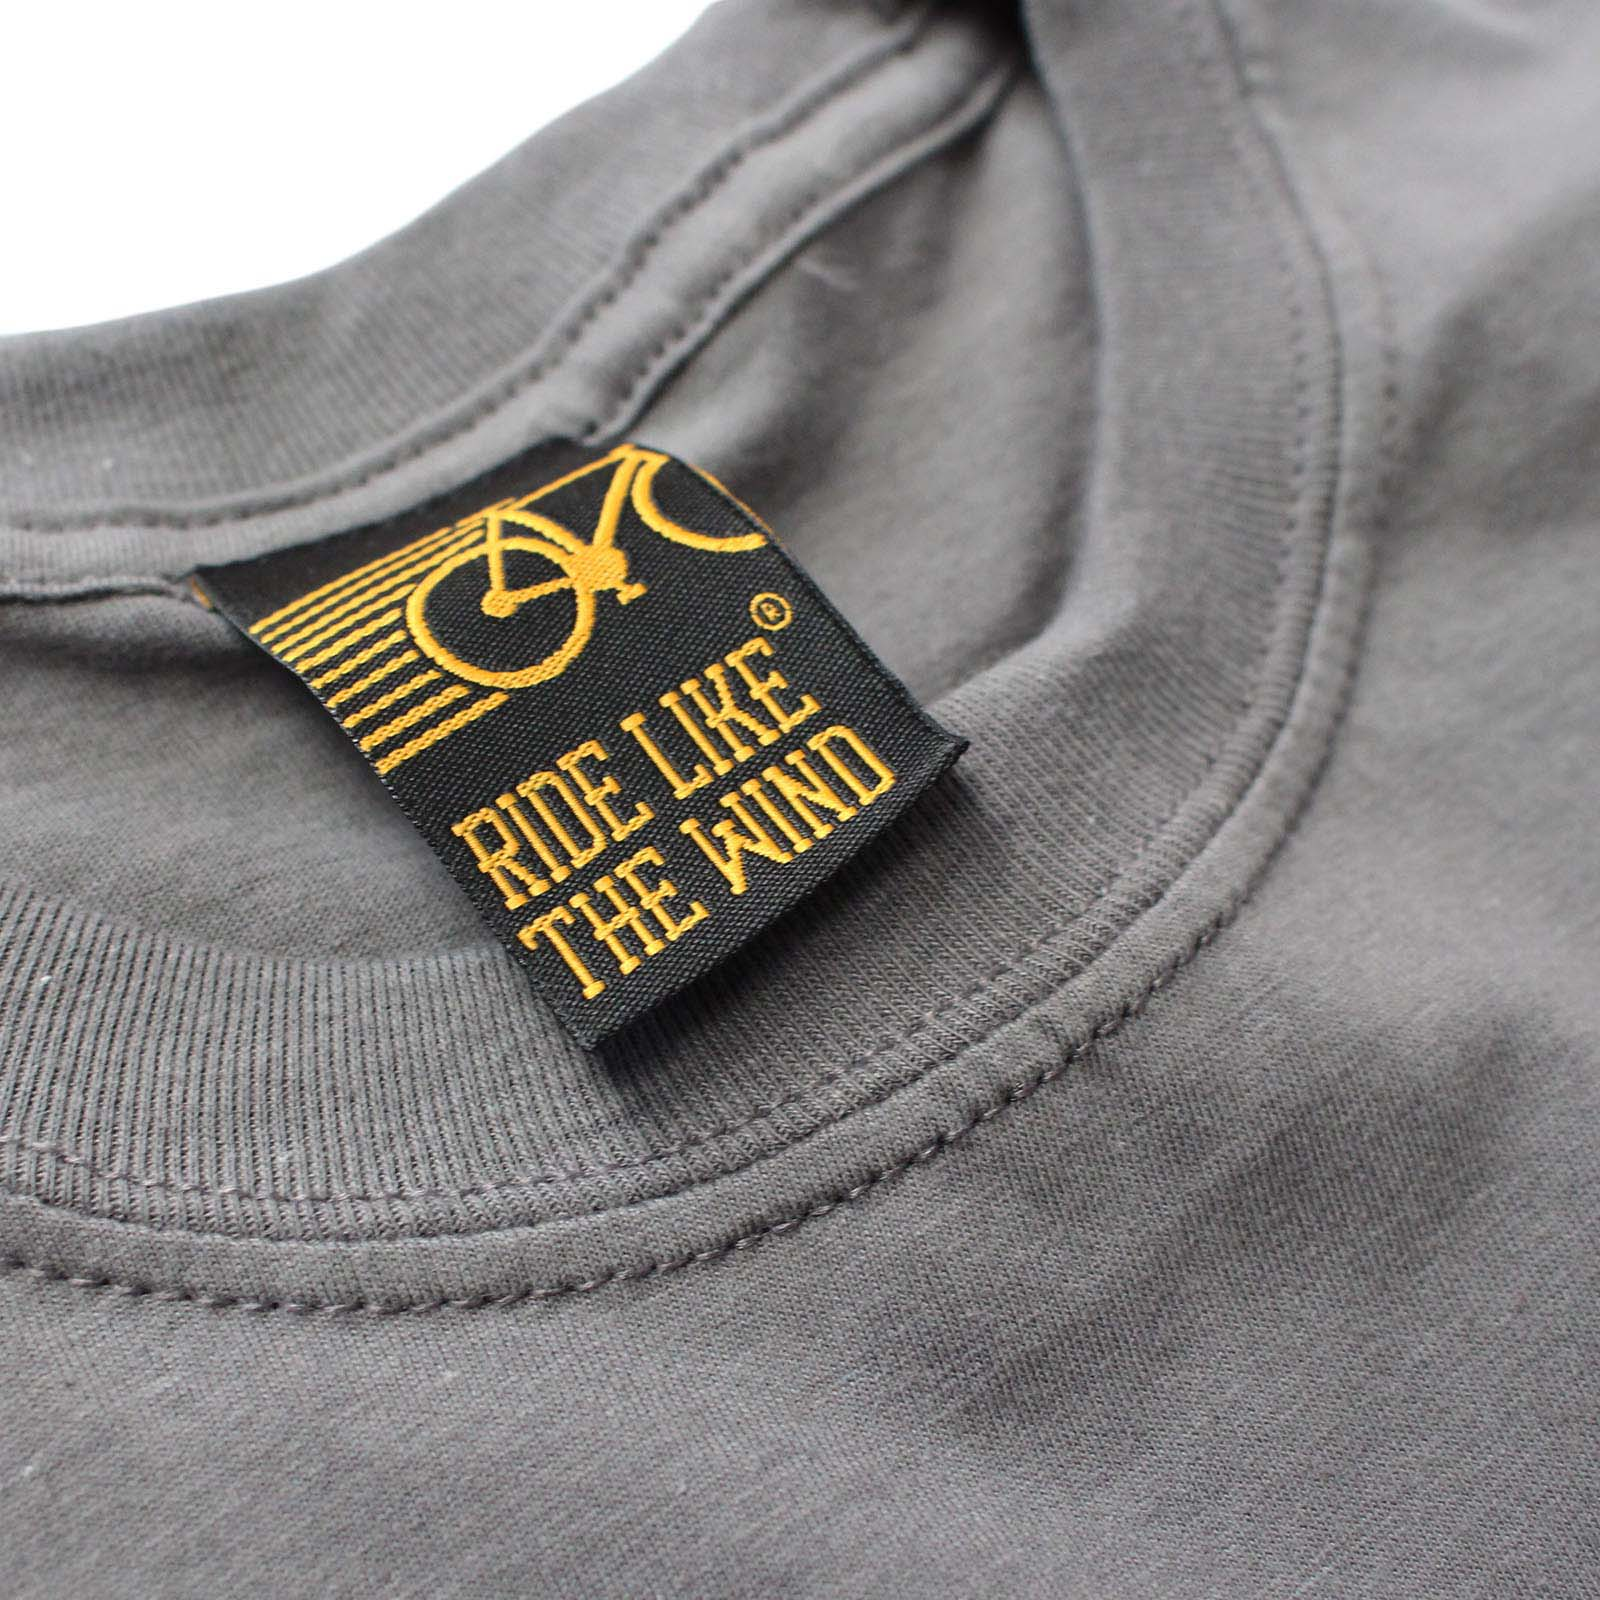 FB-Cycling-Tee-Ocd-Cycling-Novelty-Birthday-Christmas-Gift-Mens-T-Shirt thumbnail 9